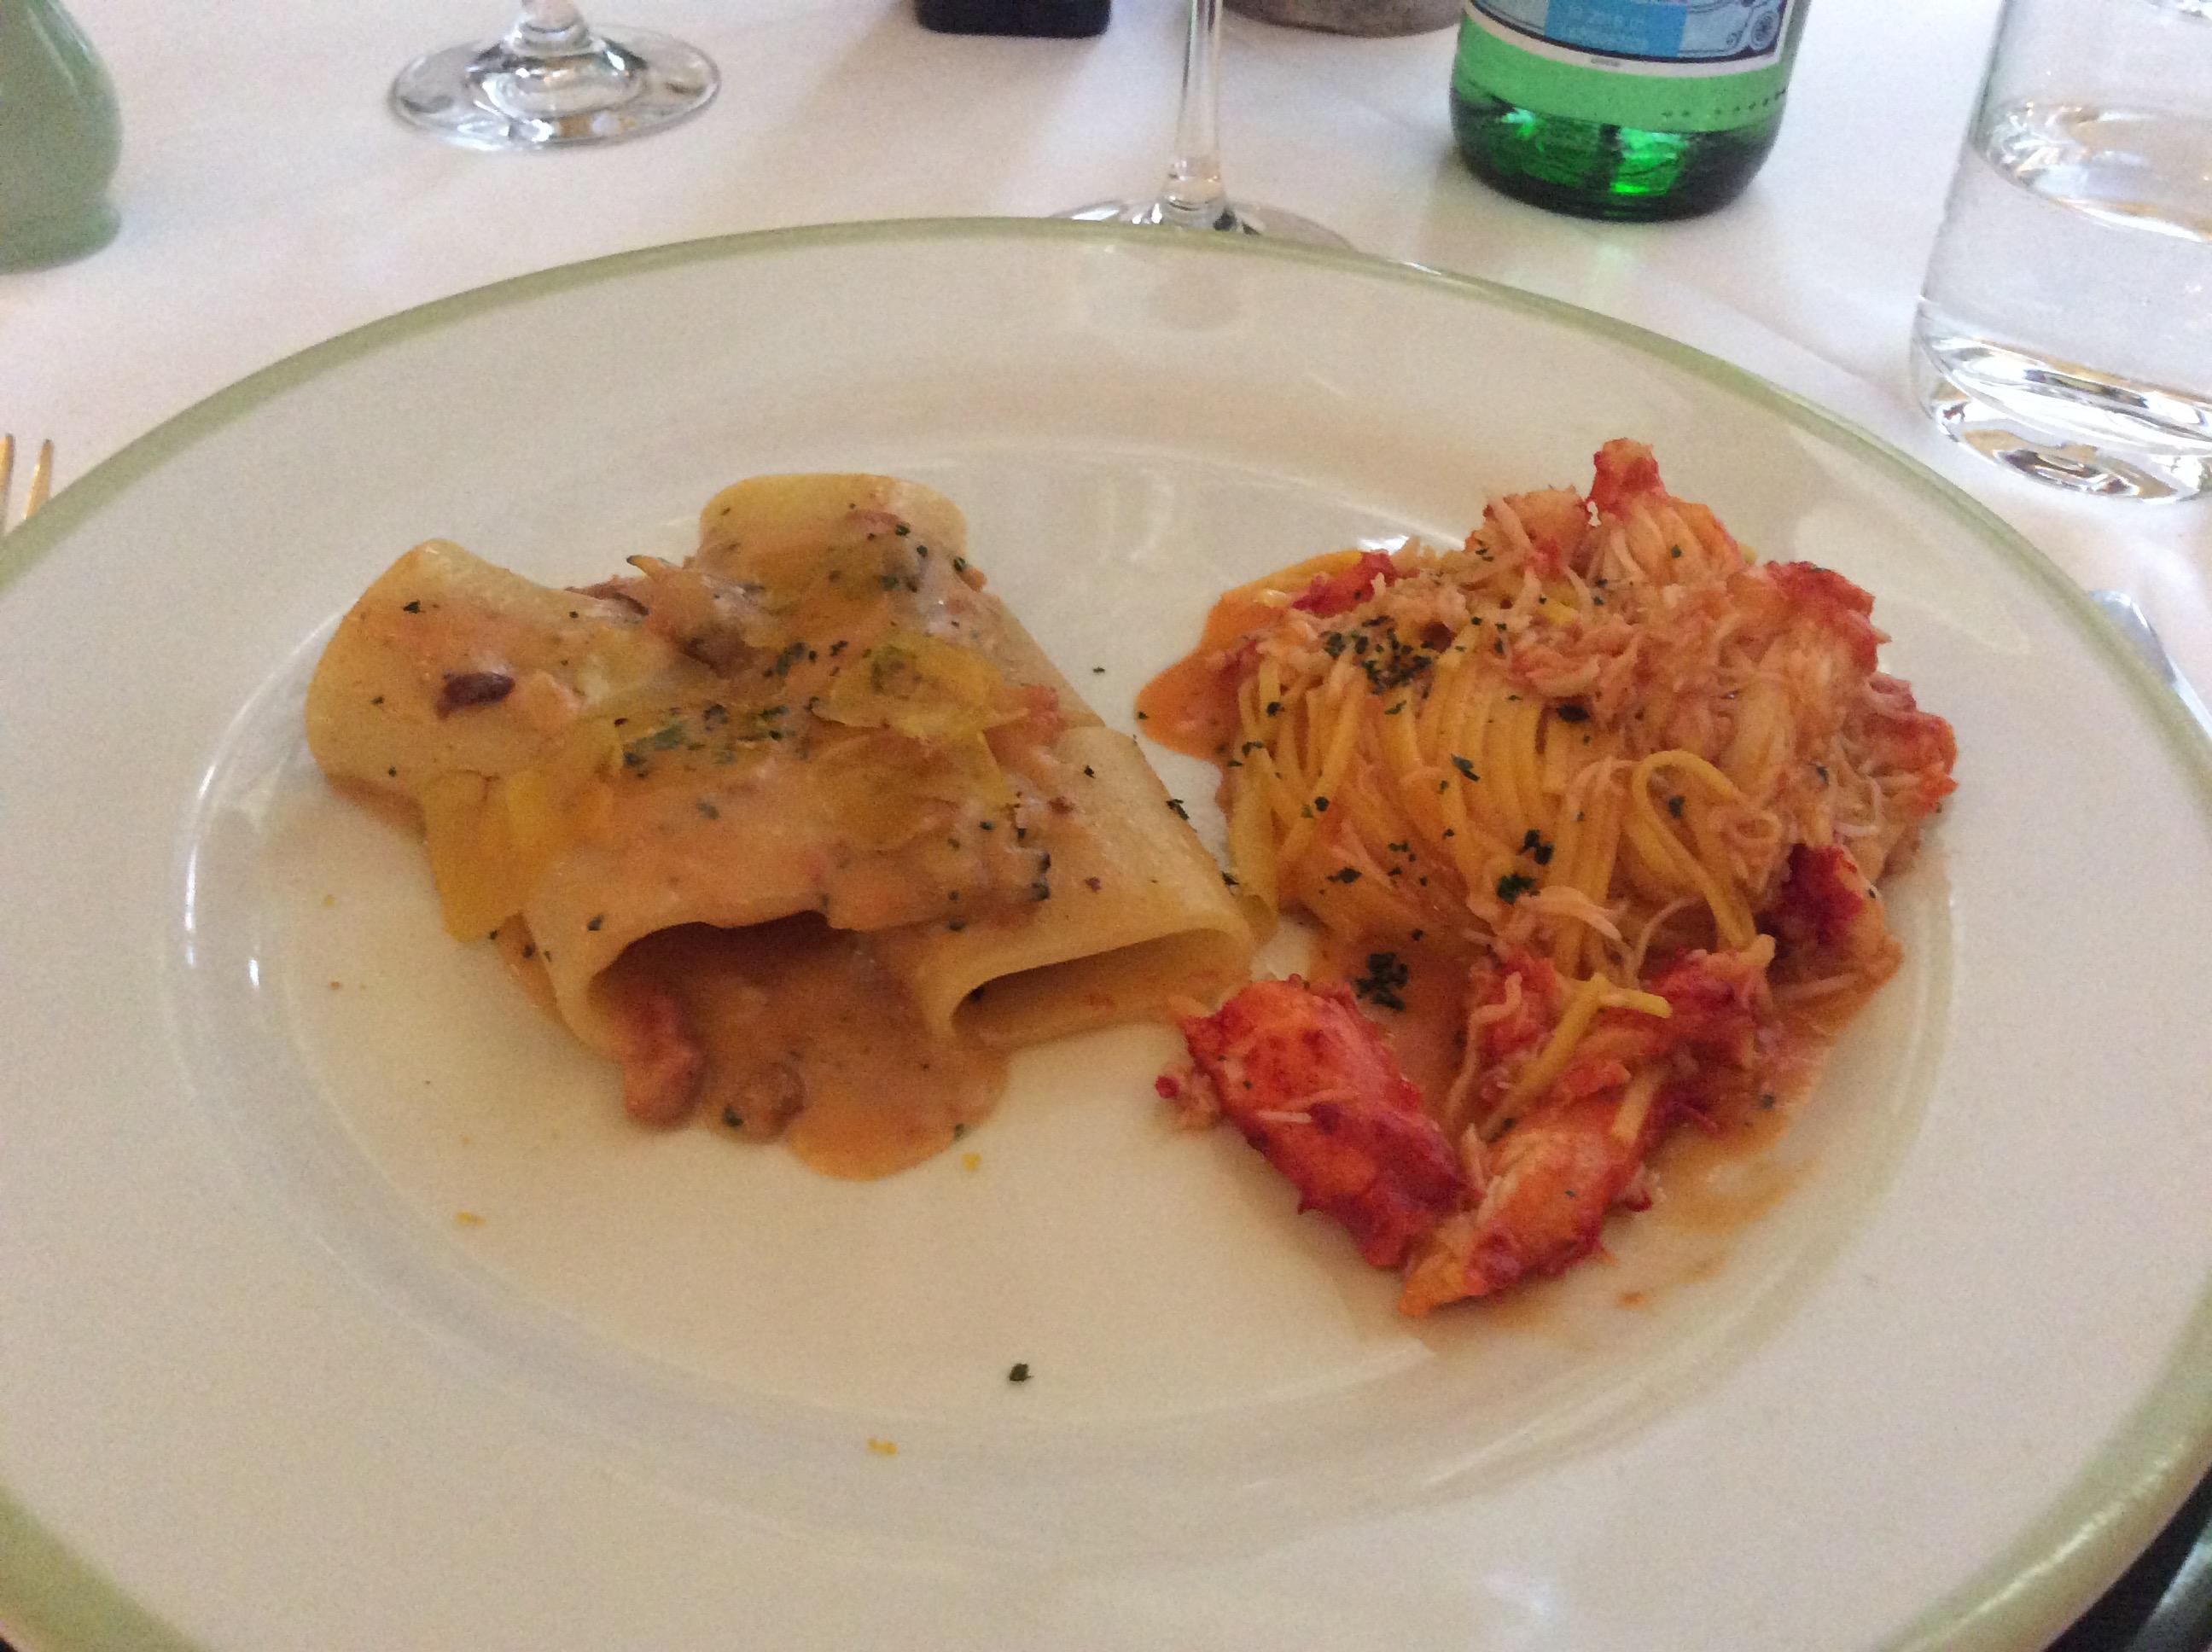 http://gourmet-italian.com/367.JPG